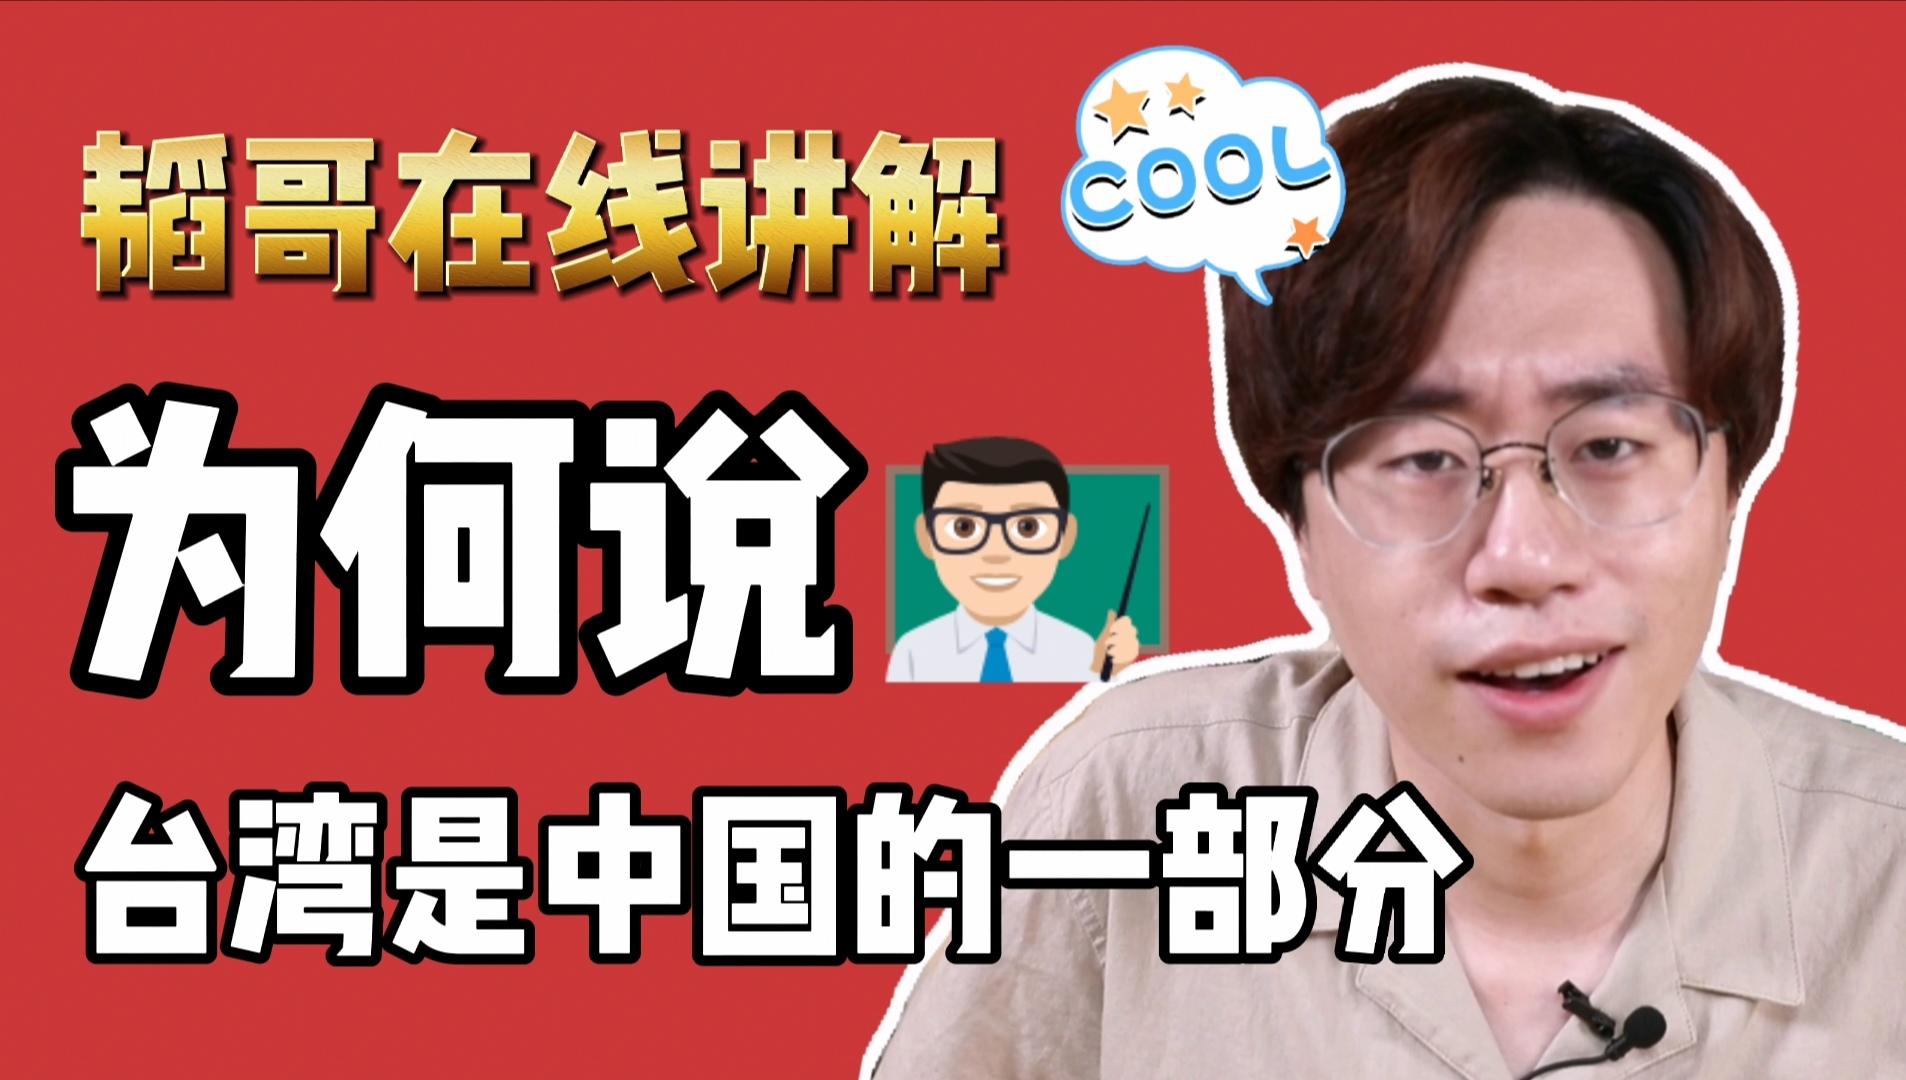 韬哥在线讲解,为何说台湾是中国的一部分!图片